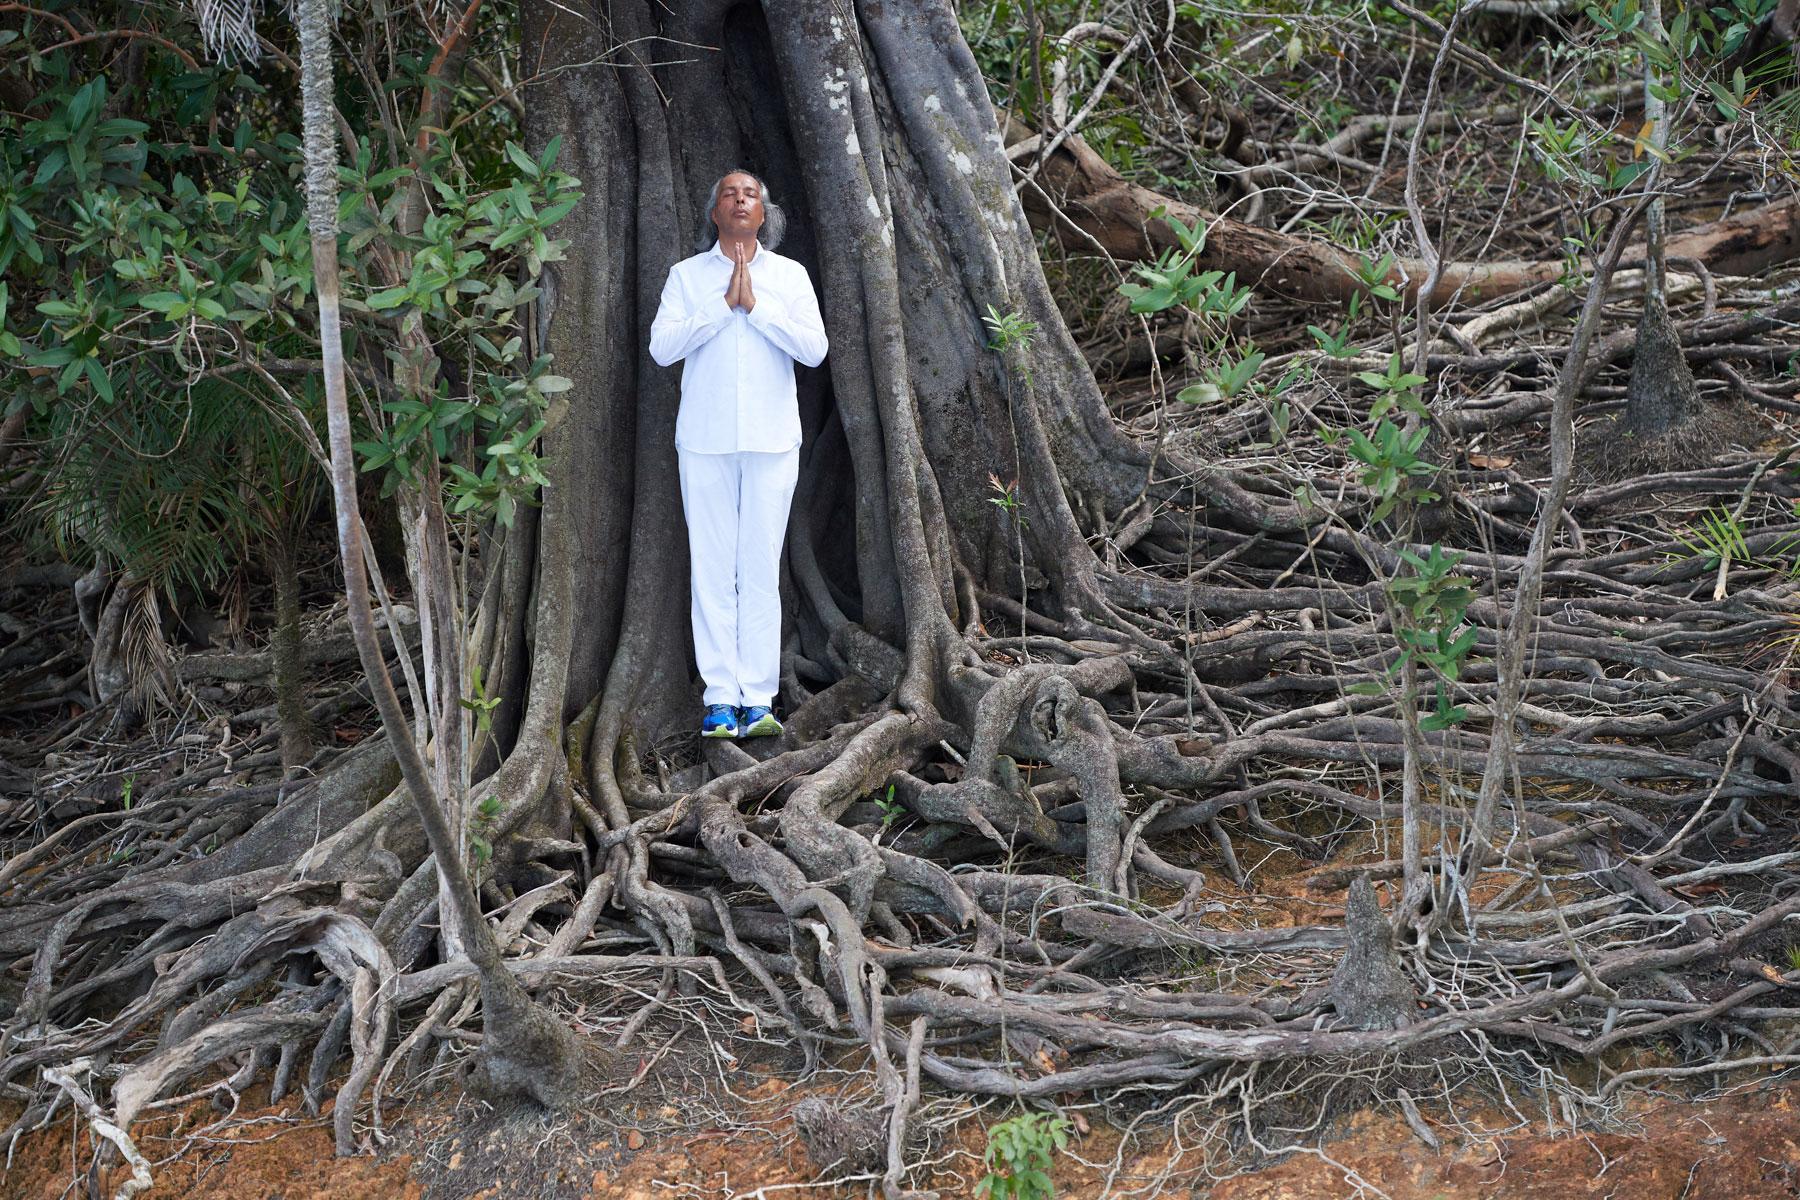 Segnender Mann in weißer Kleidung steht in mitten eines alten Baumes der weite Luftwurzeln hat